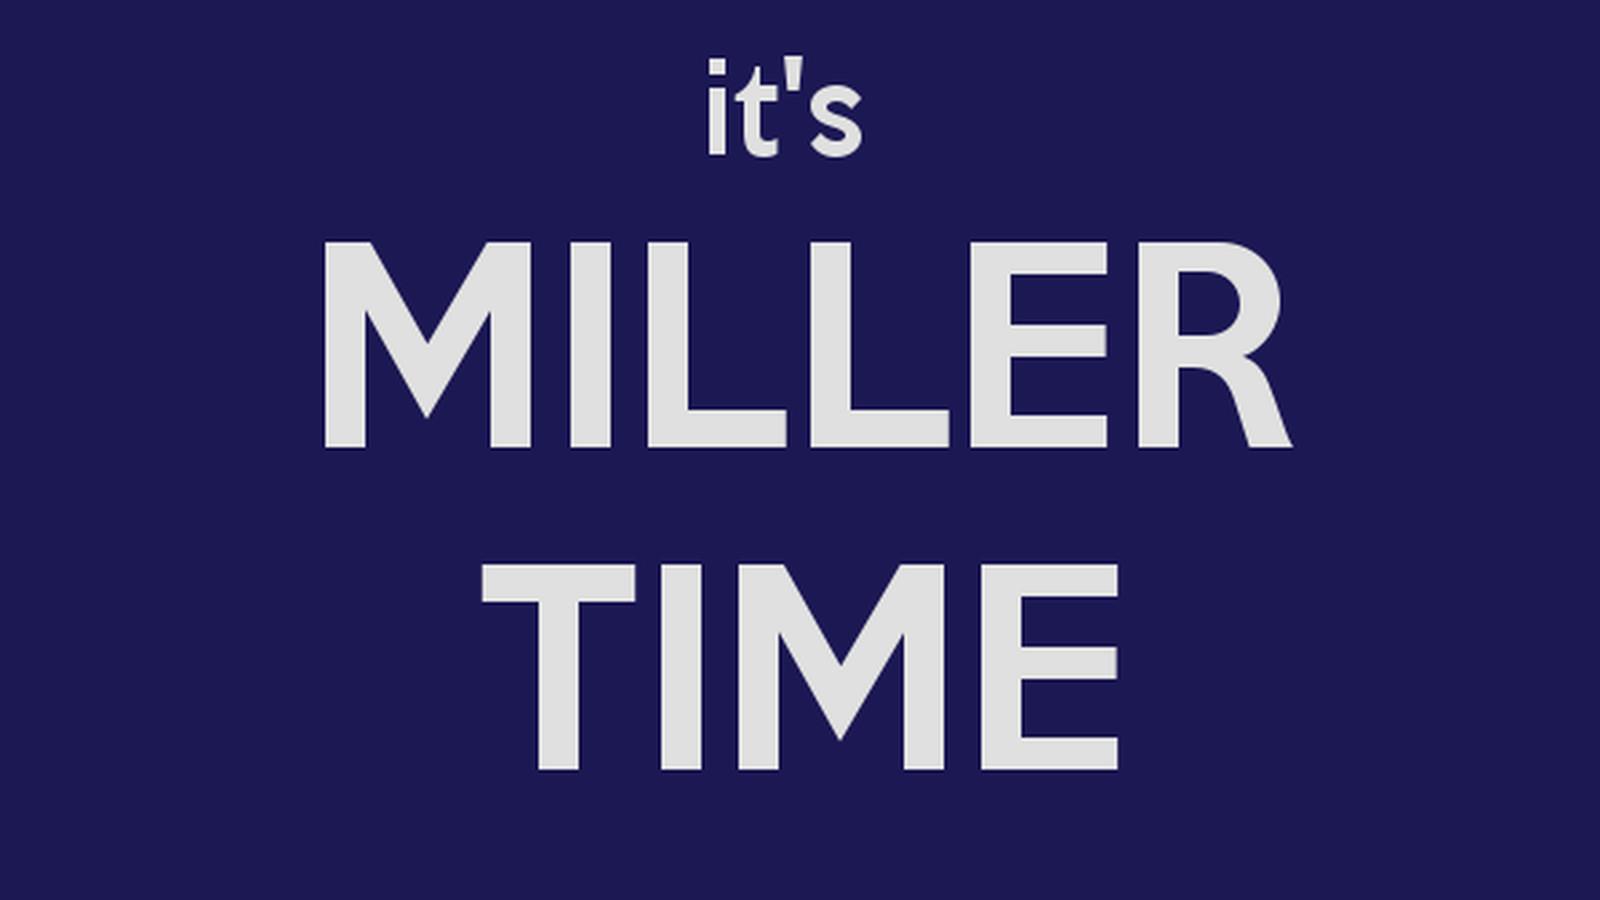 Miller_time.0.0